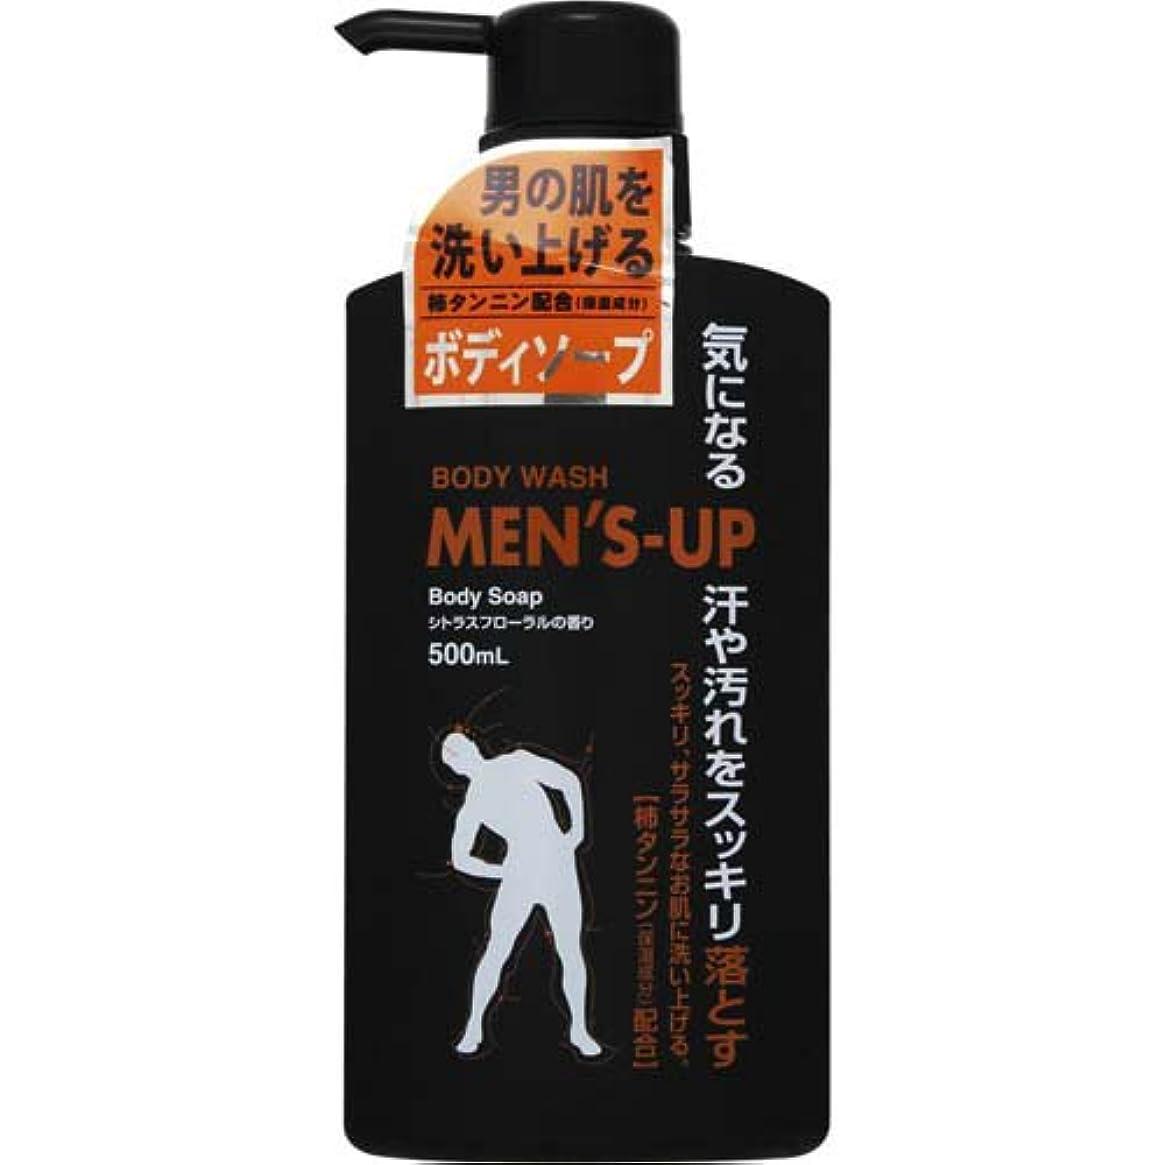 見る協力余剰MEN'S-UP(メンズアップ) ボディーソープ 本体 500ml